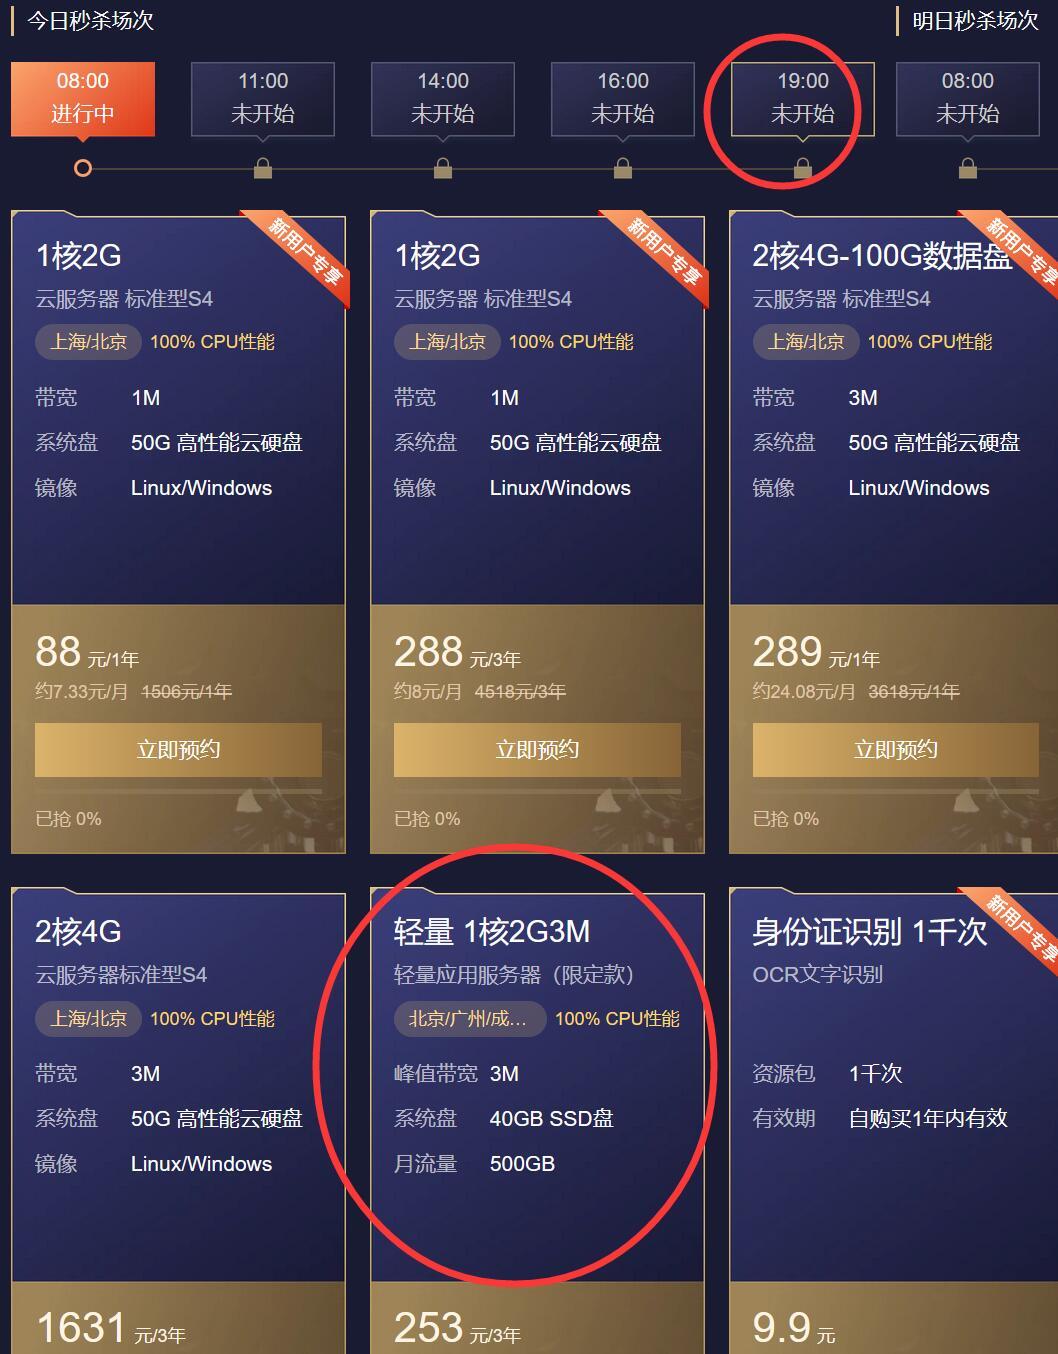 便宜国外vps论坛_腾讯云双11,轻量1核2G3M带宽83元/1年,开箱测试-主机参考